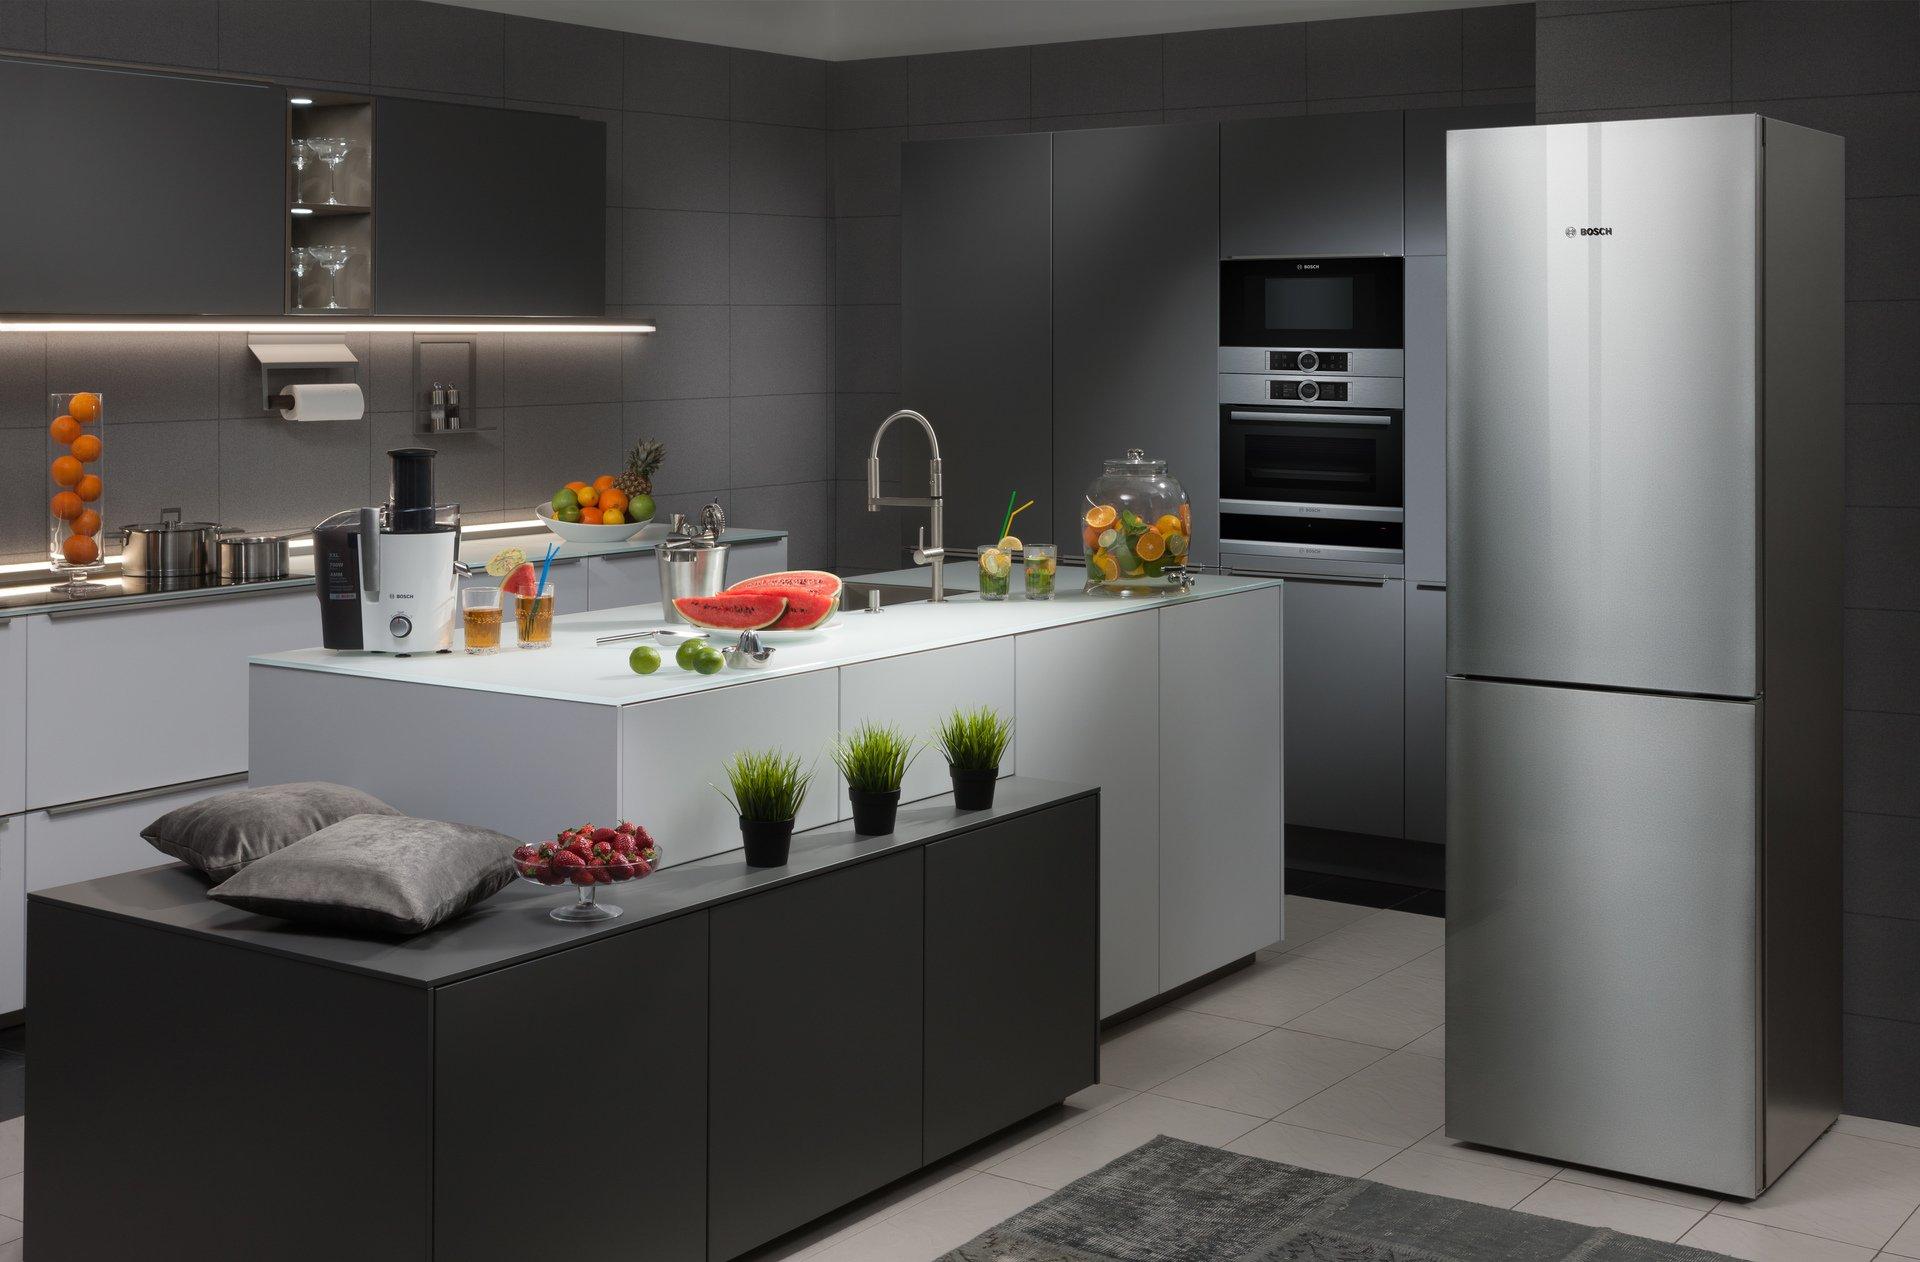 Разновидности и особенности холодильников для дома